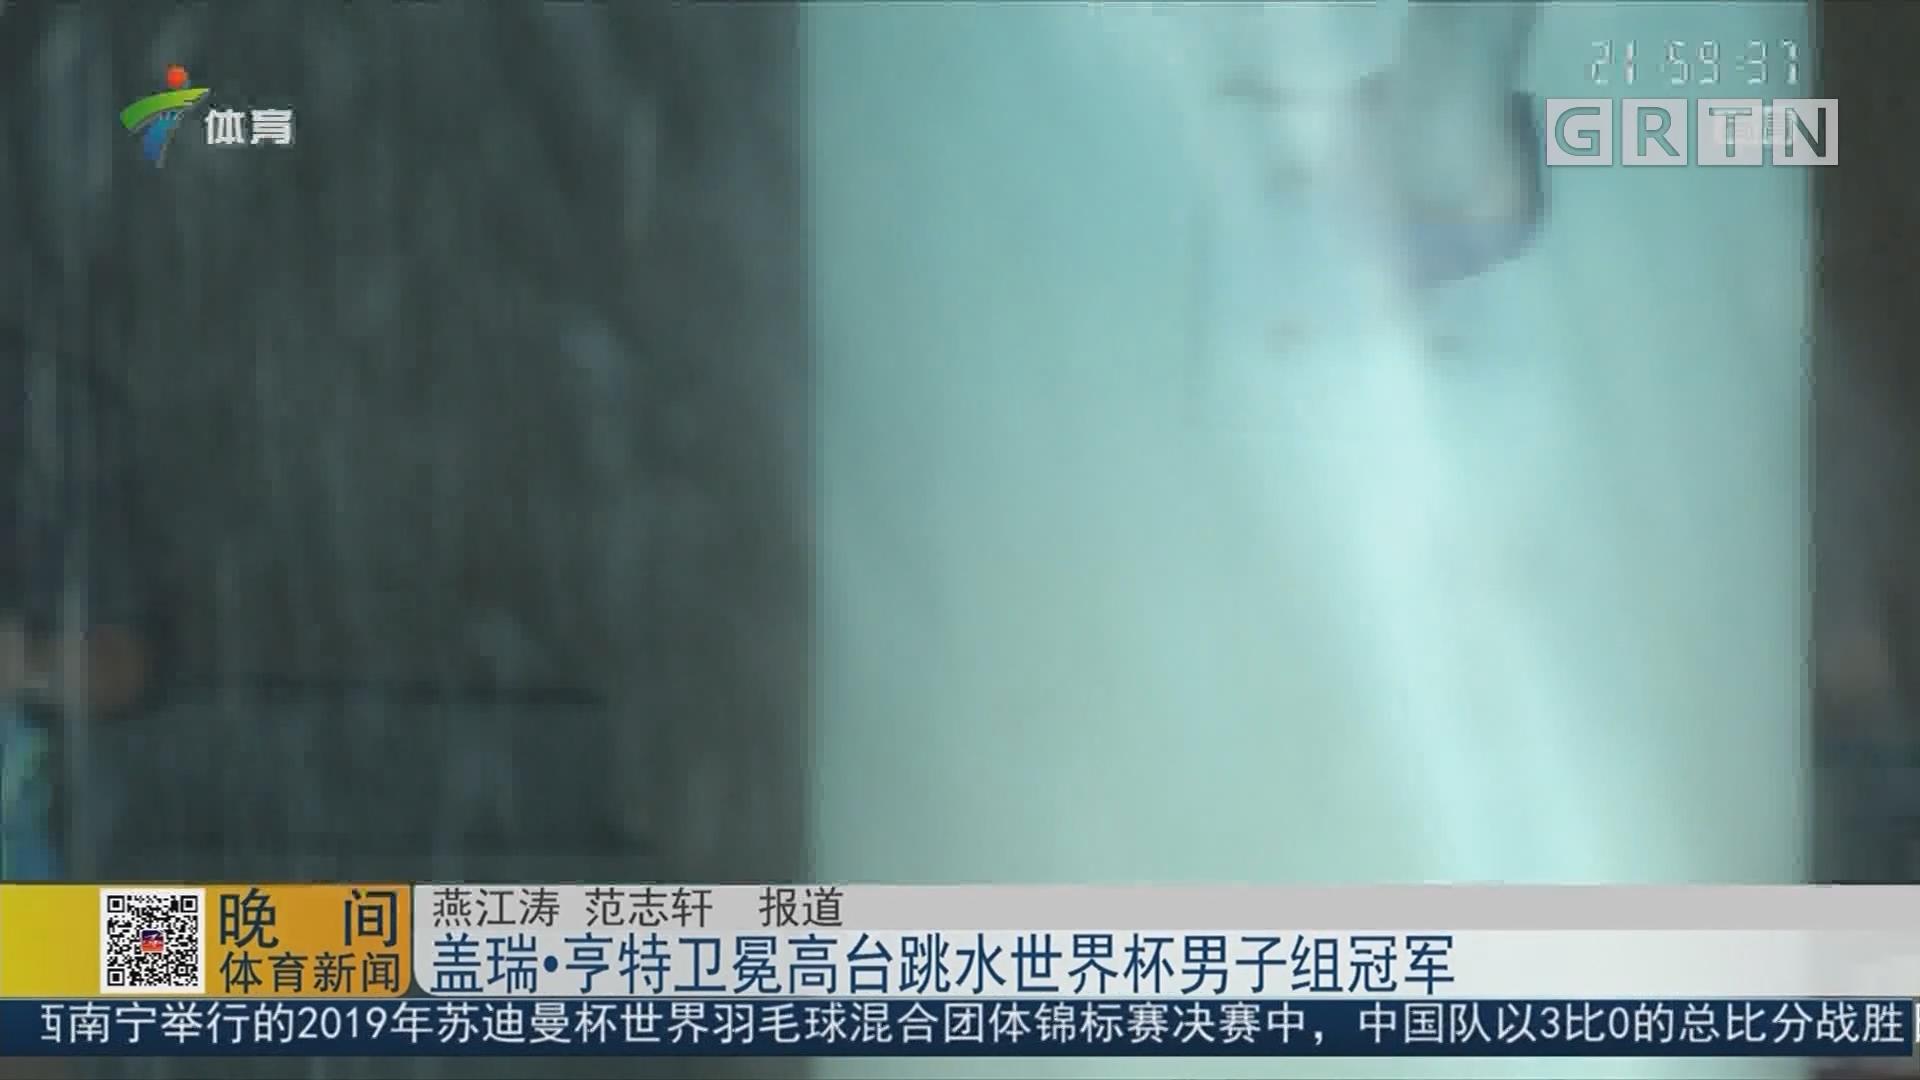 盖瑞·亨特卫冕高台跳水世界杯男子组冠军